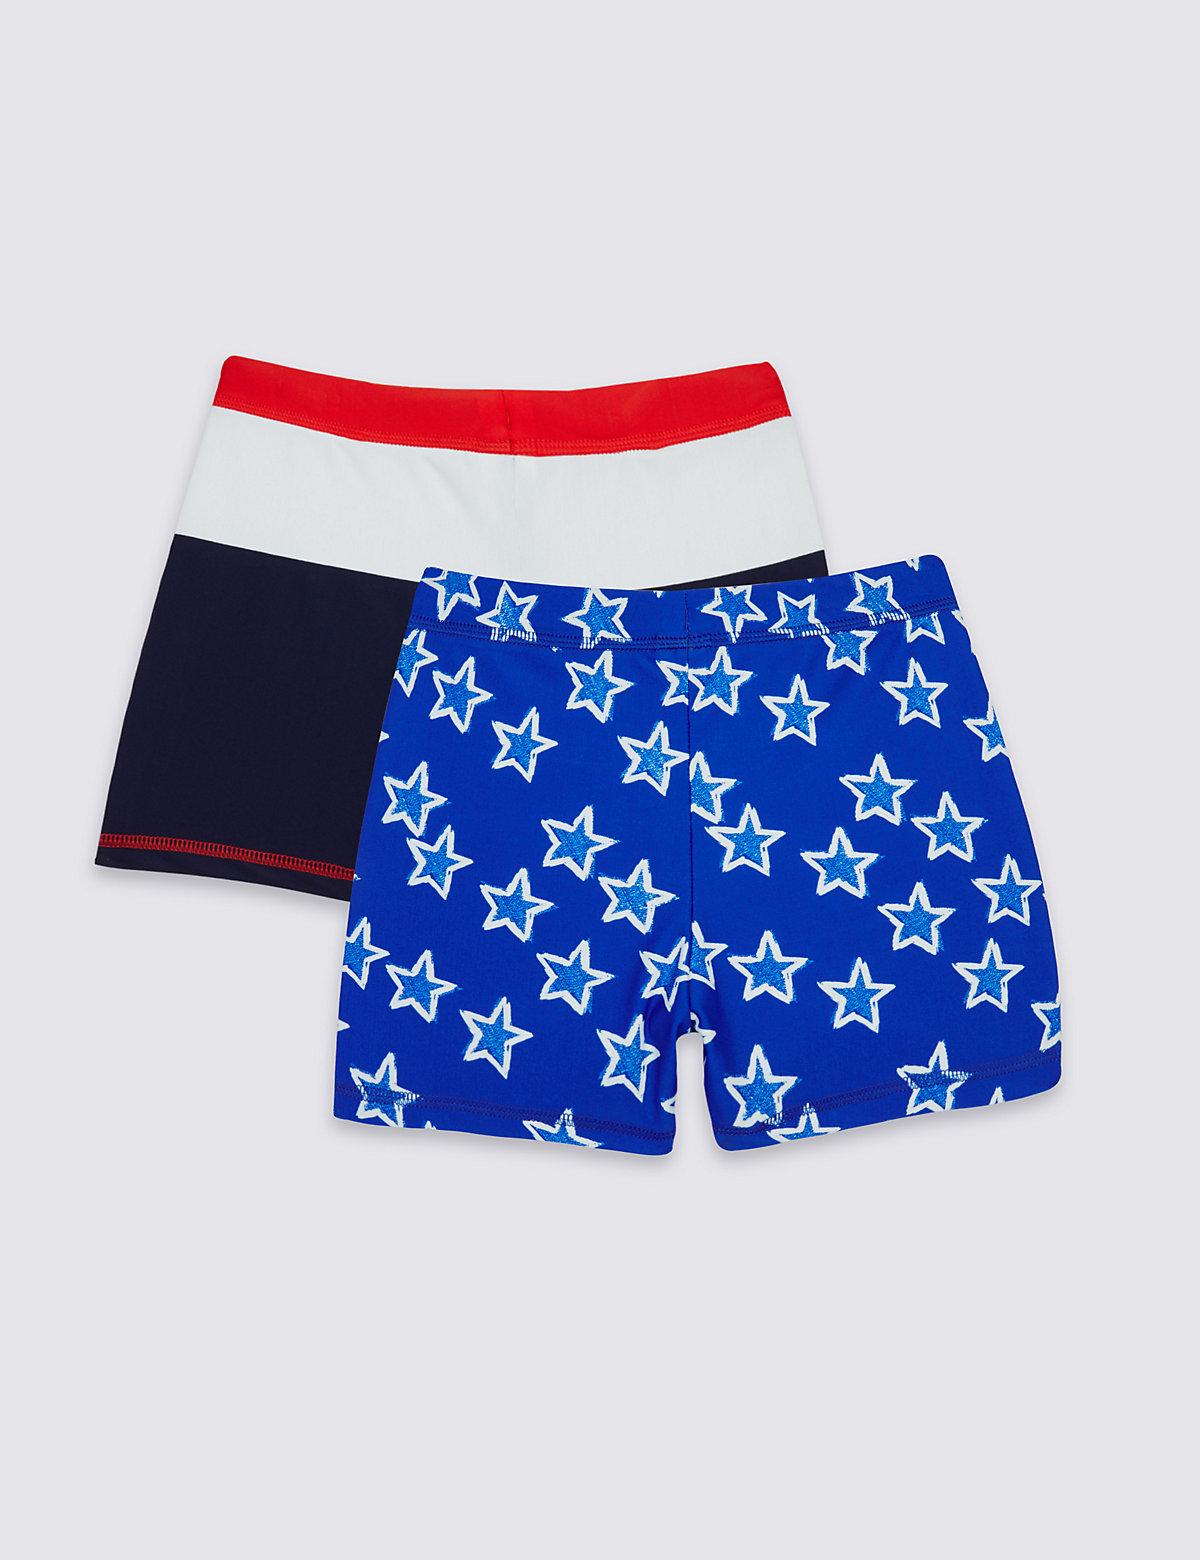 2 Pack Assorted Swim Shorts (0-8 Years)